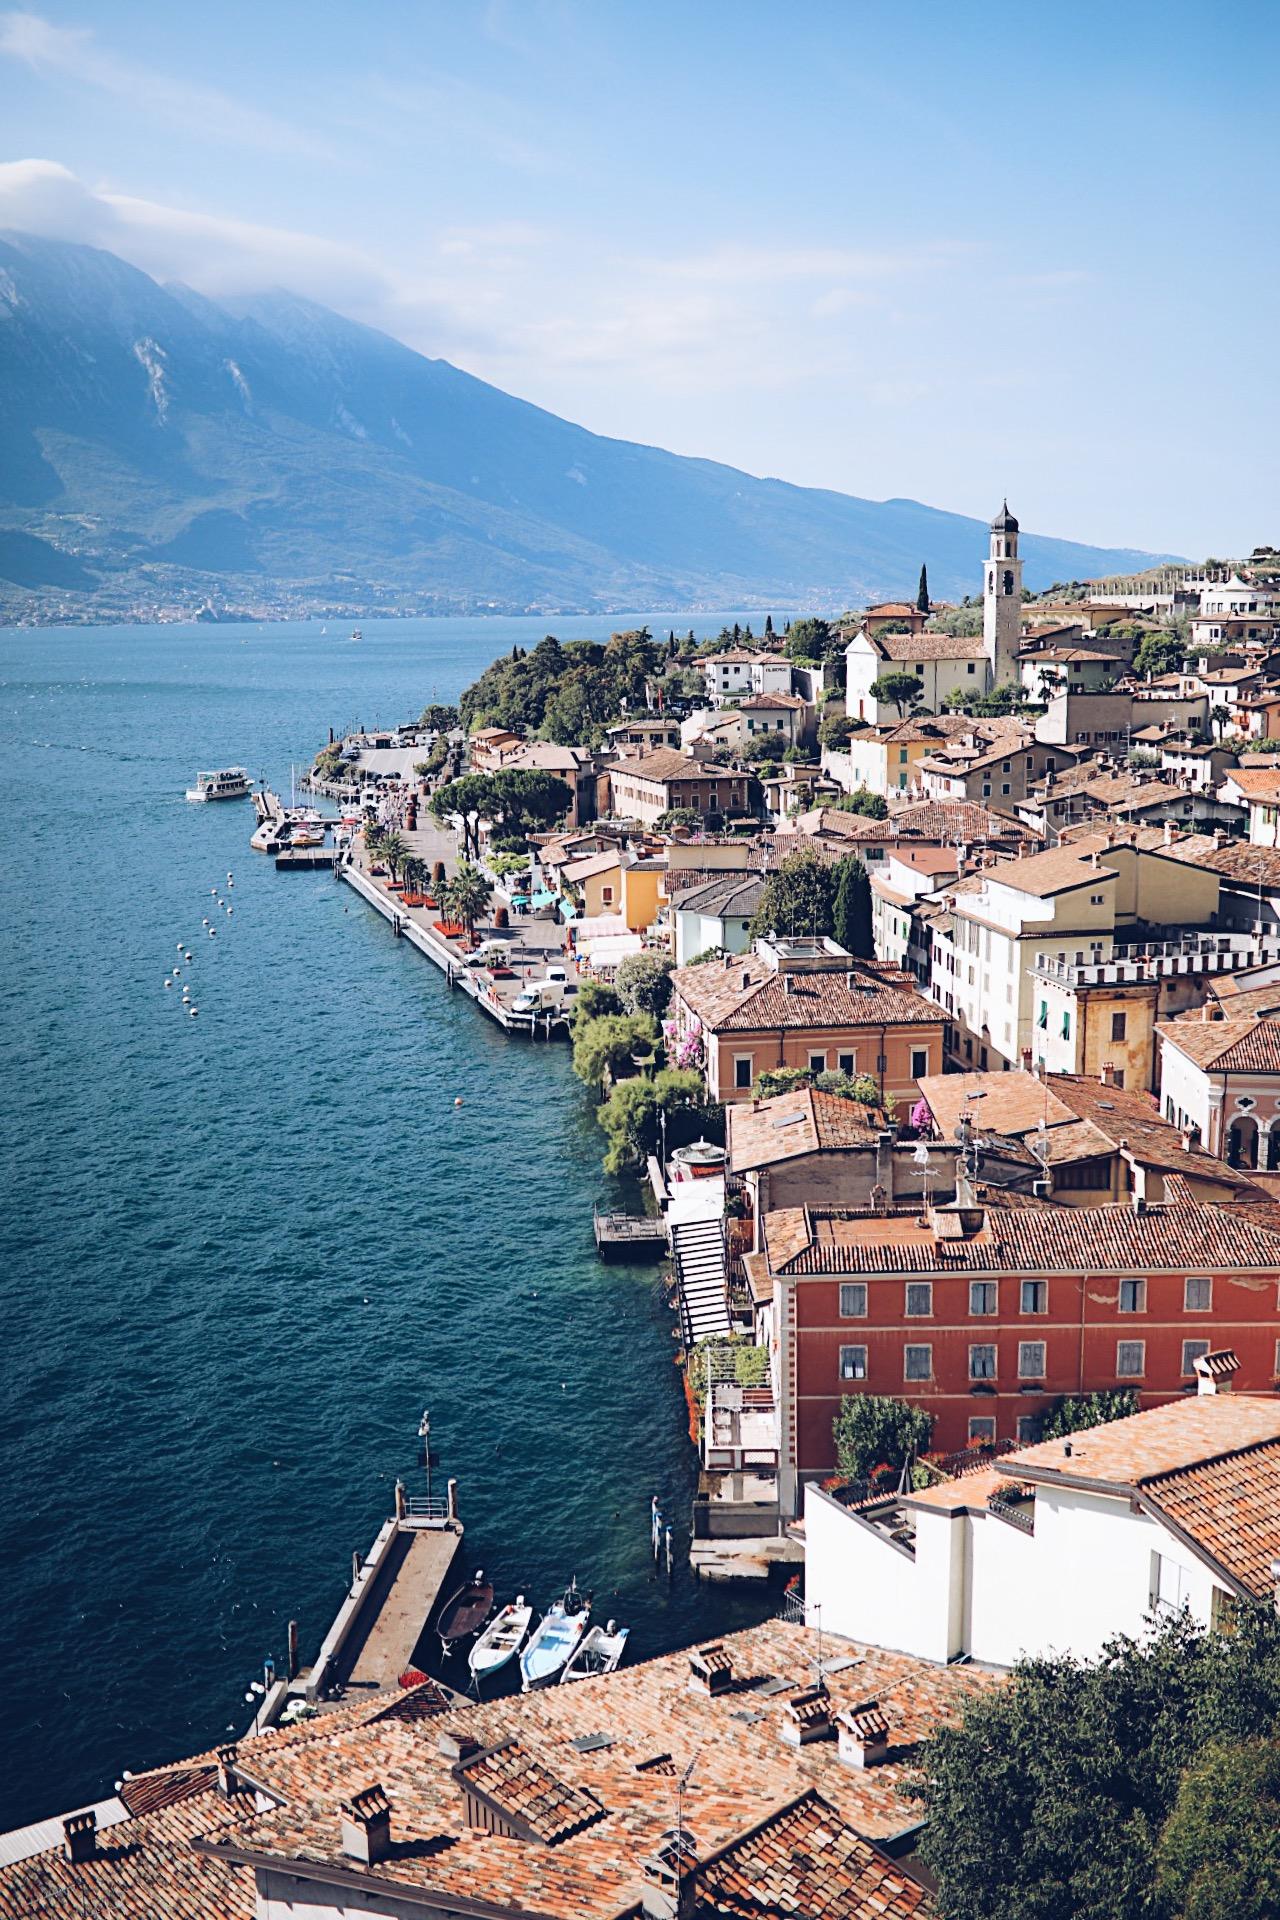 Eine Kleiner Urlaub Am Gardasee Mit Riva Limone Und